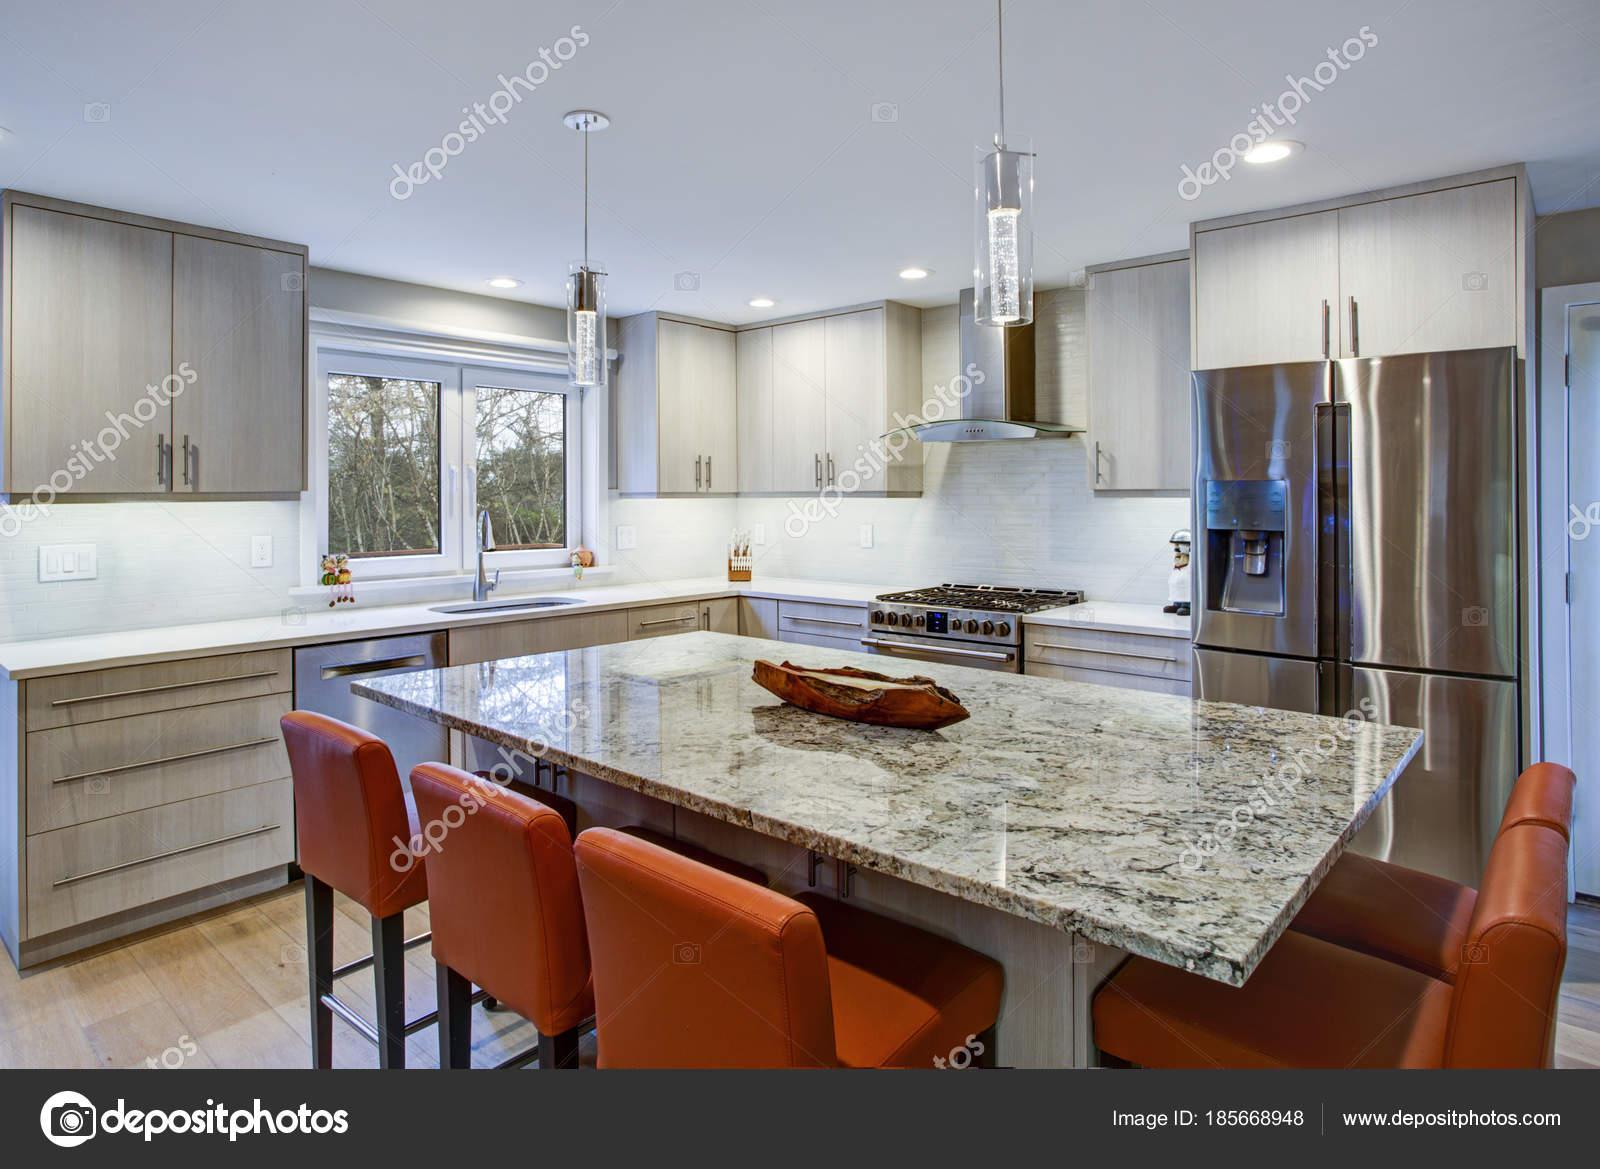 Sala Cozinha Com Ilha De Cozinha Stock Photo Alabn 185668948